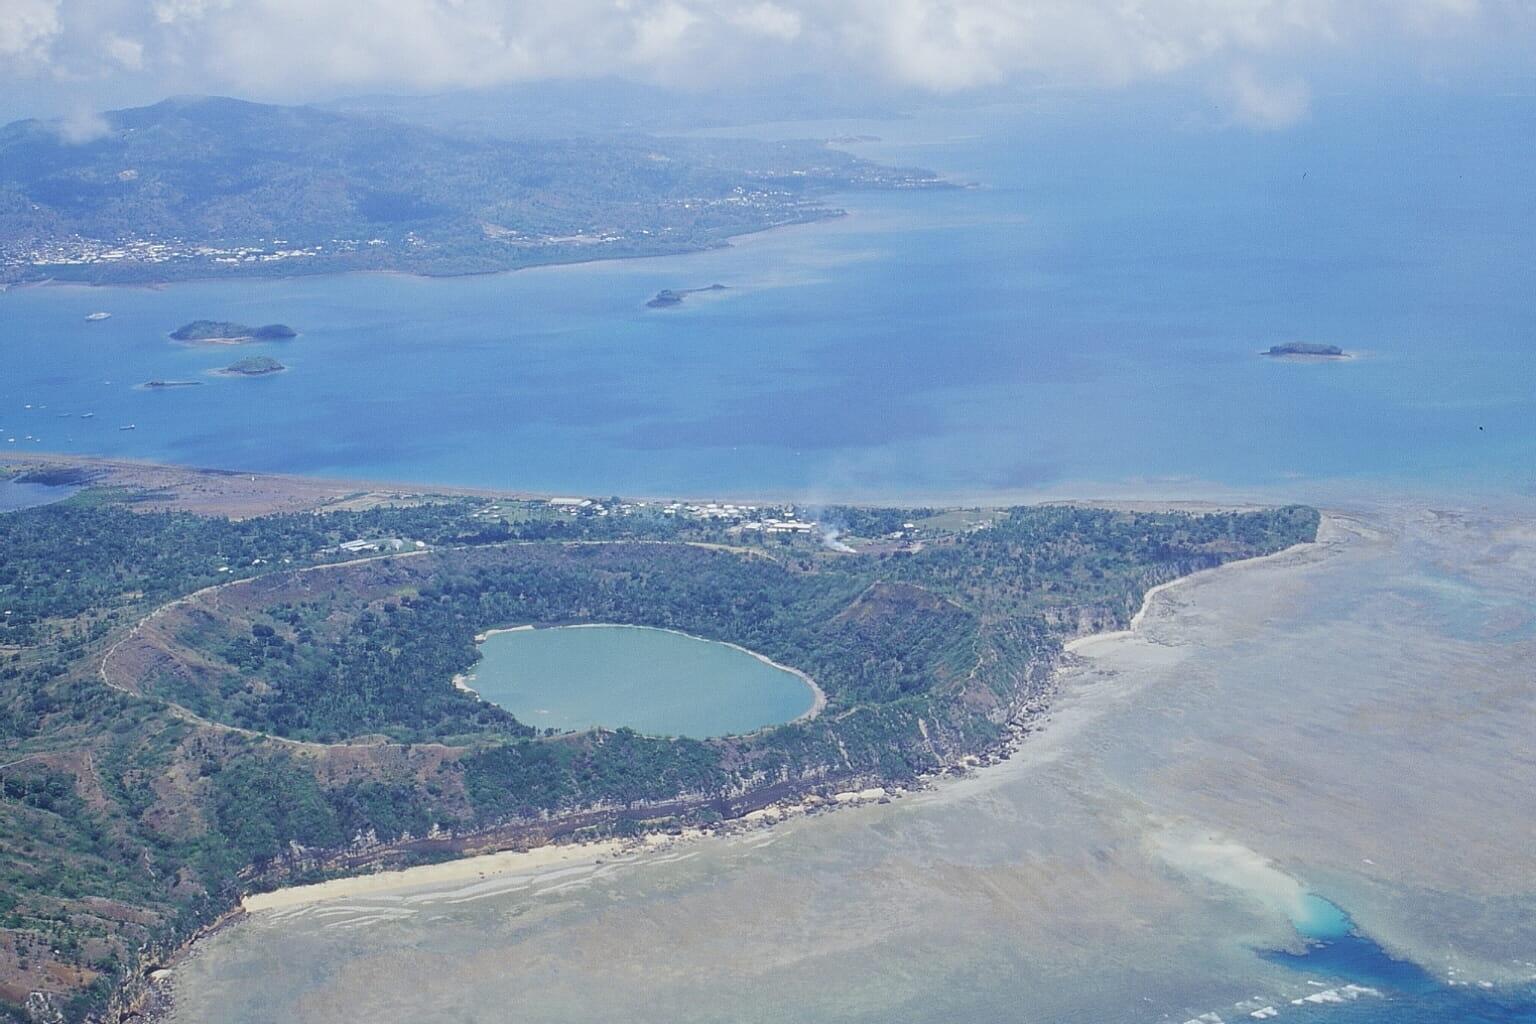 cratère sur plage vue de haut